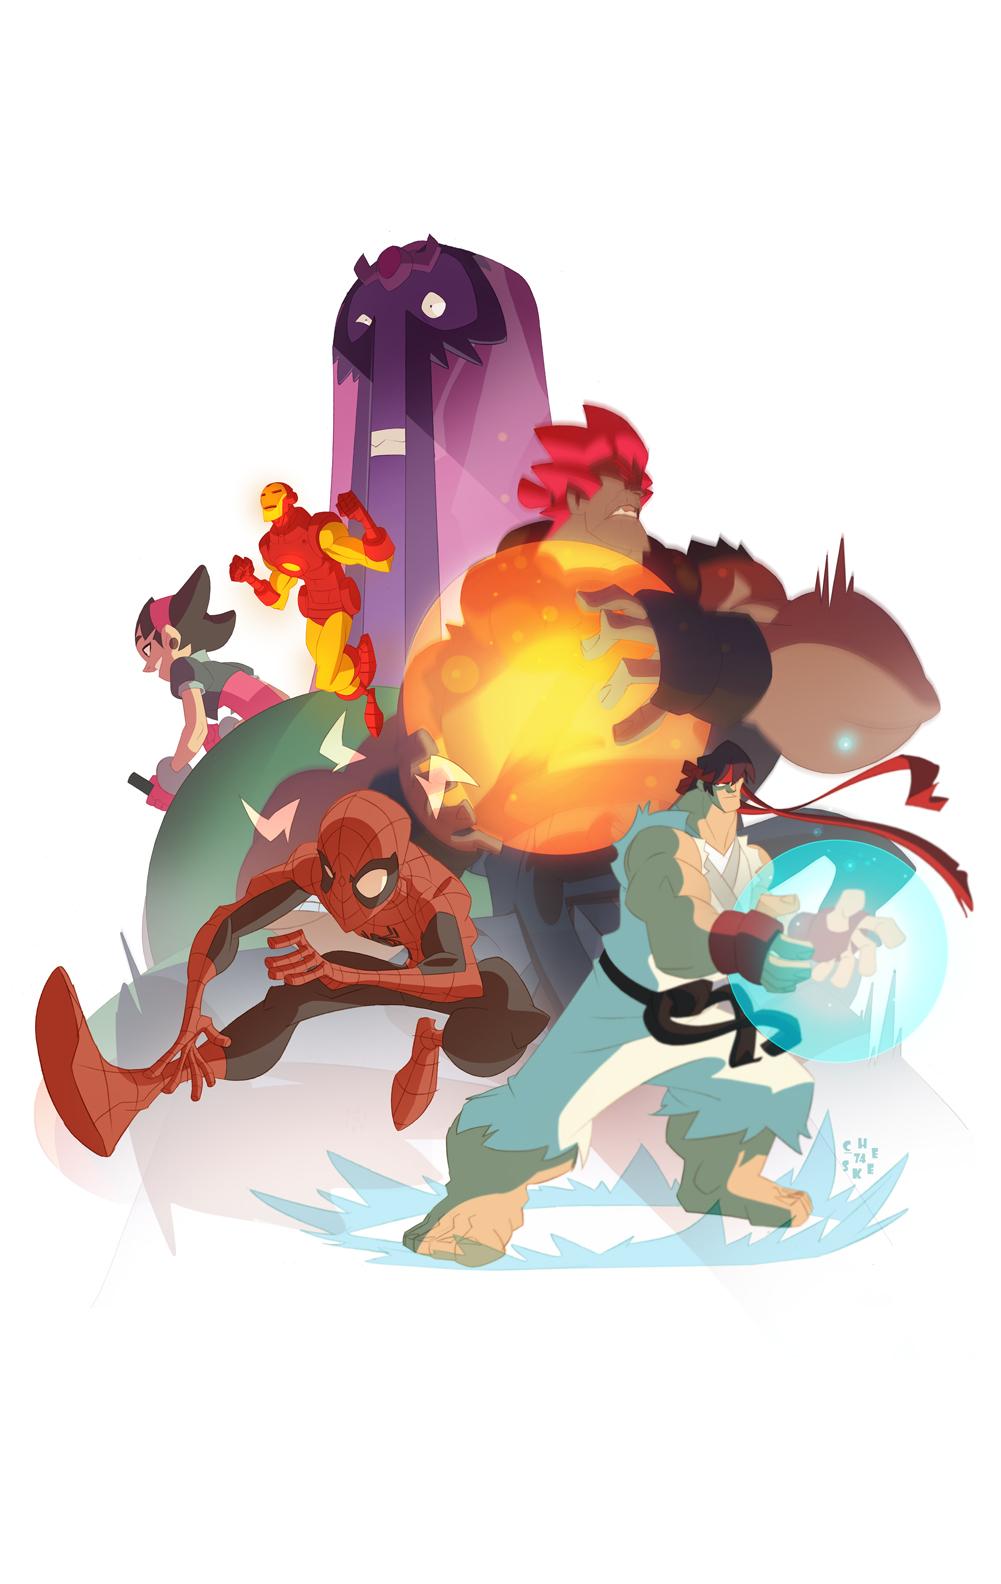 Marvel vs Capcom! by cheeks-74